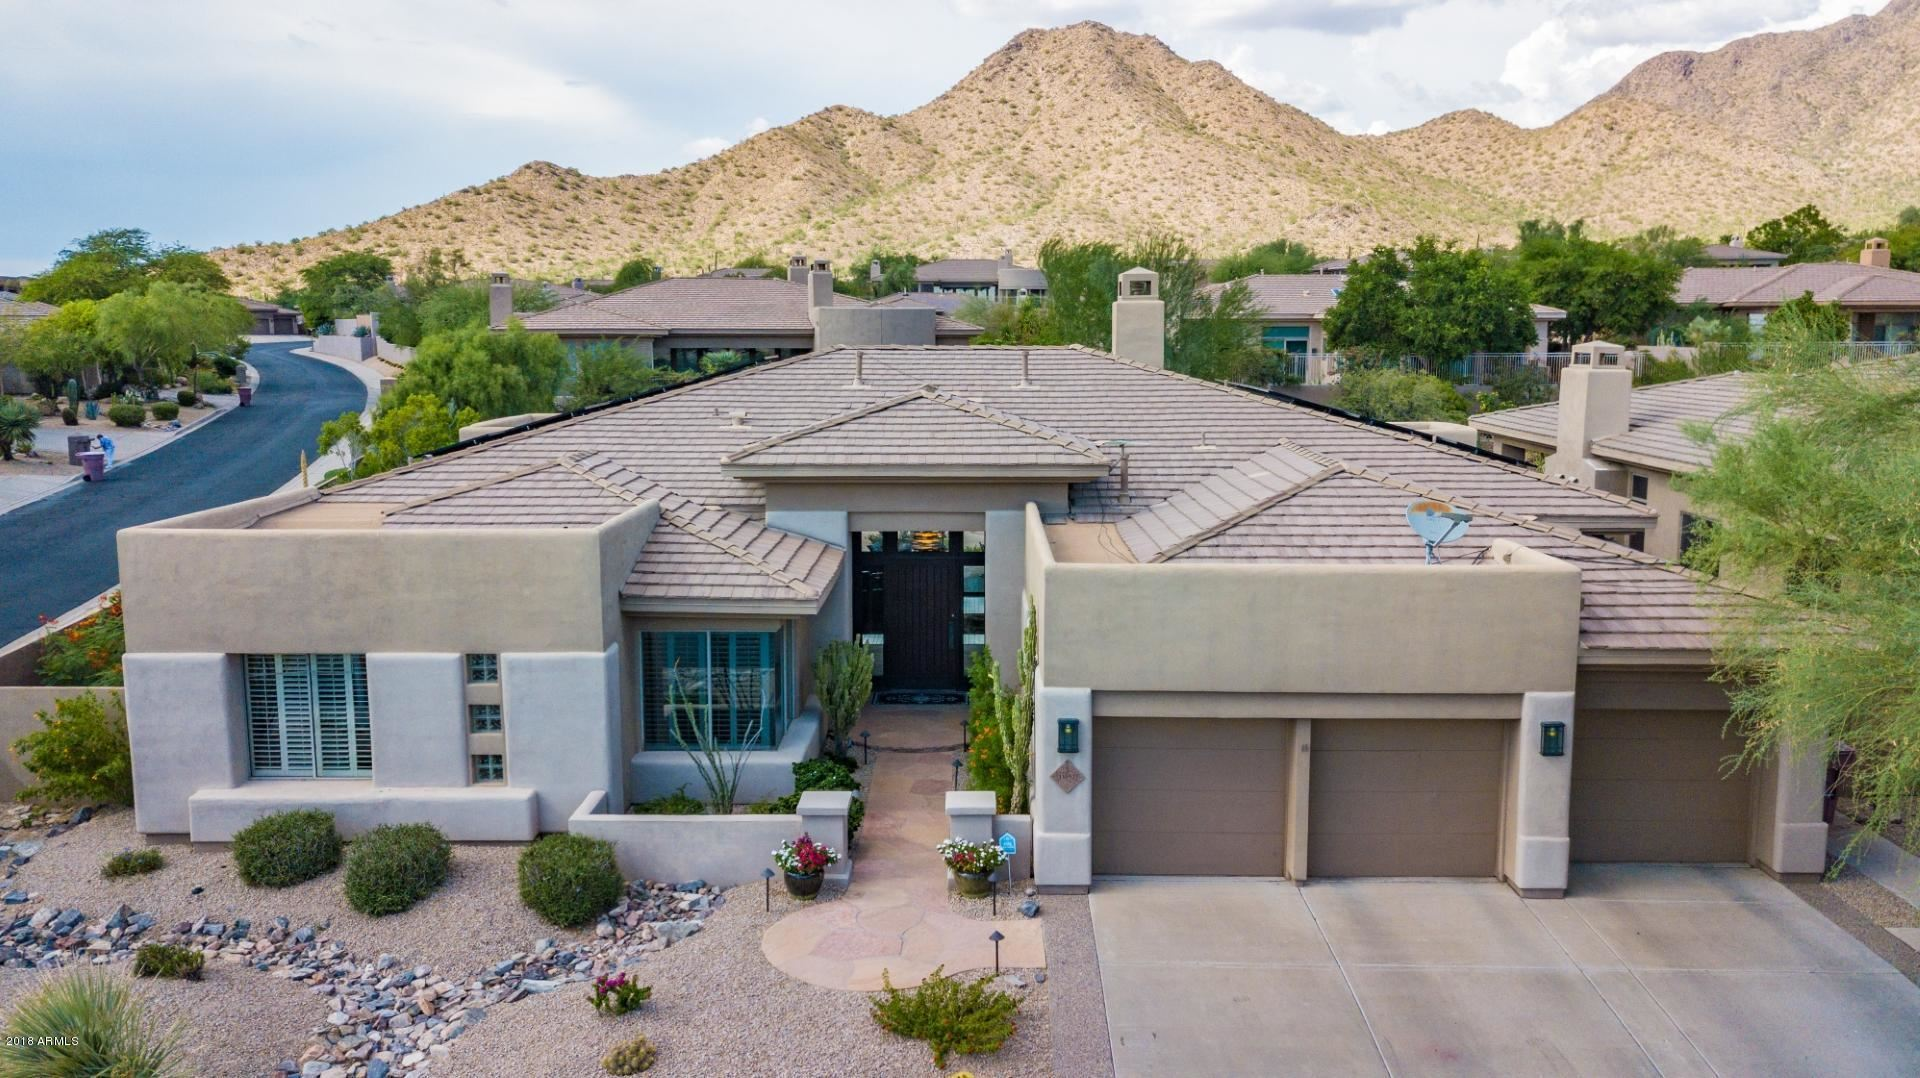 Photo of 11052 E JASMINE Drive, Scottsdale, AZ 85255 (MLS # 6227394)